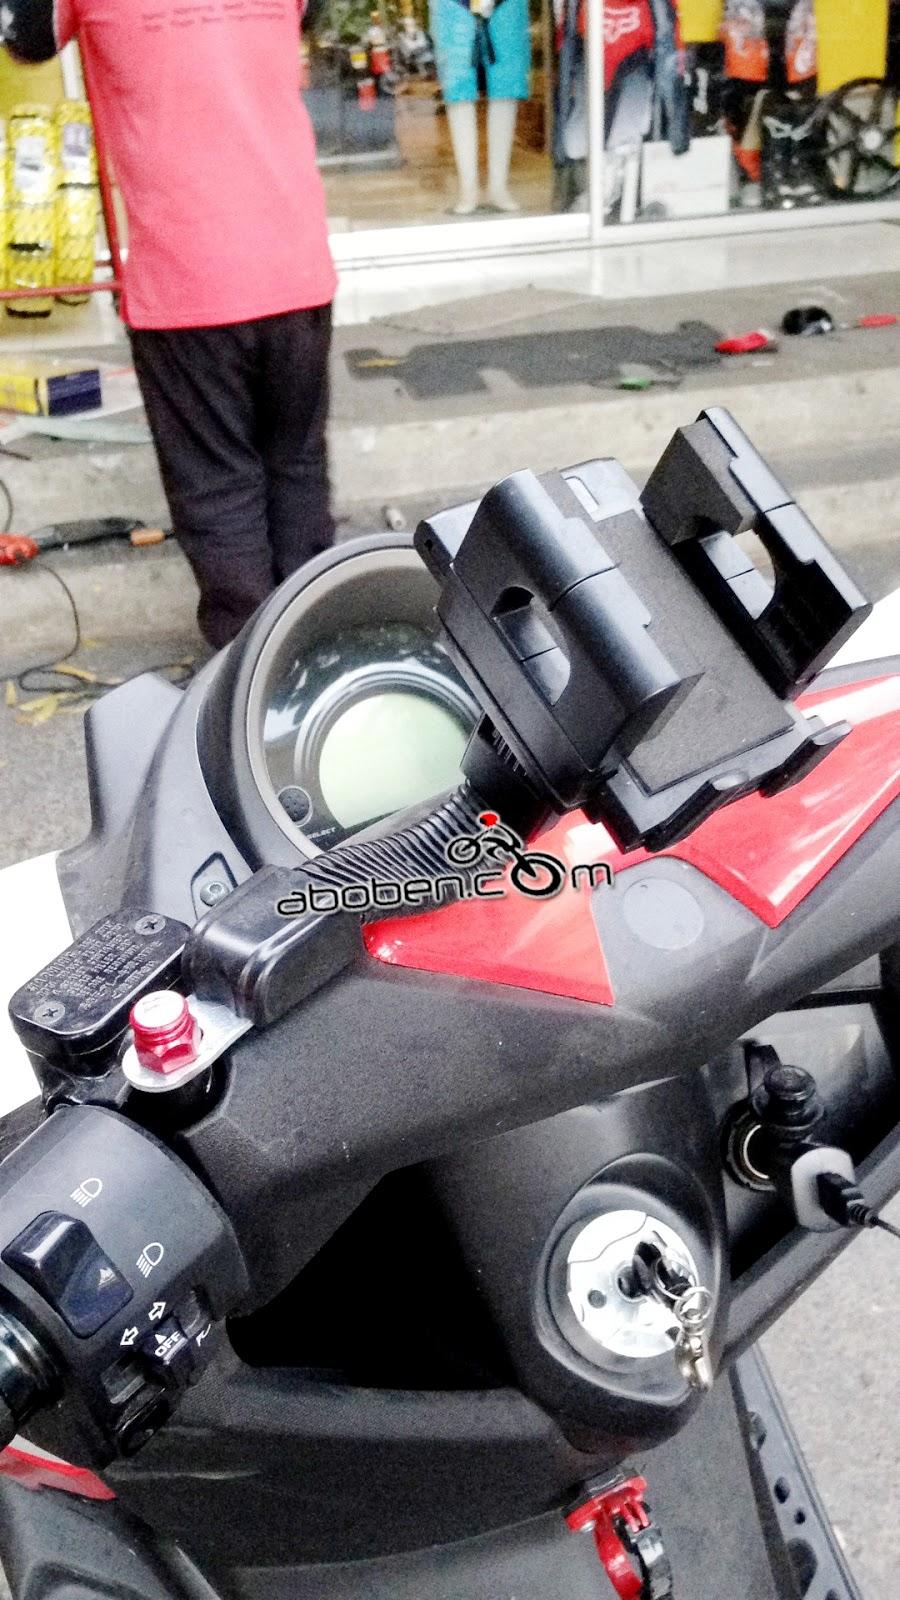 Abobencom Holder Handphone Gps Hp Motor Spion 110